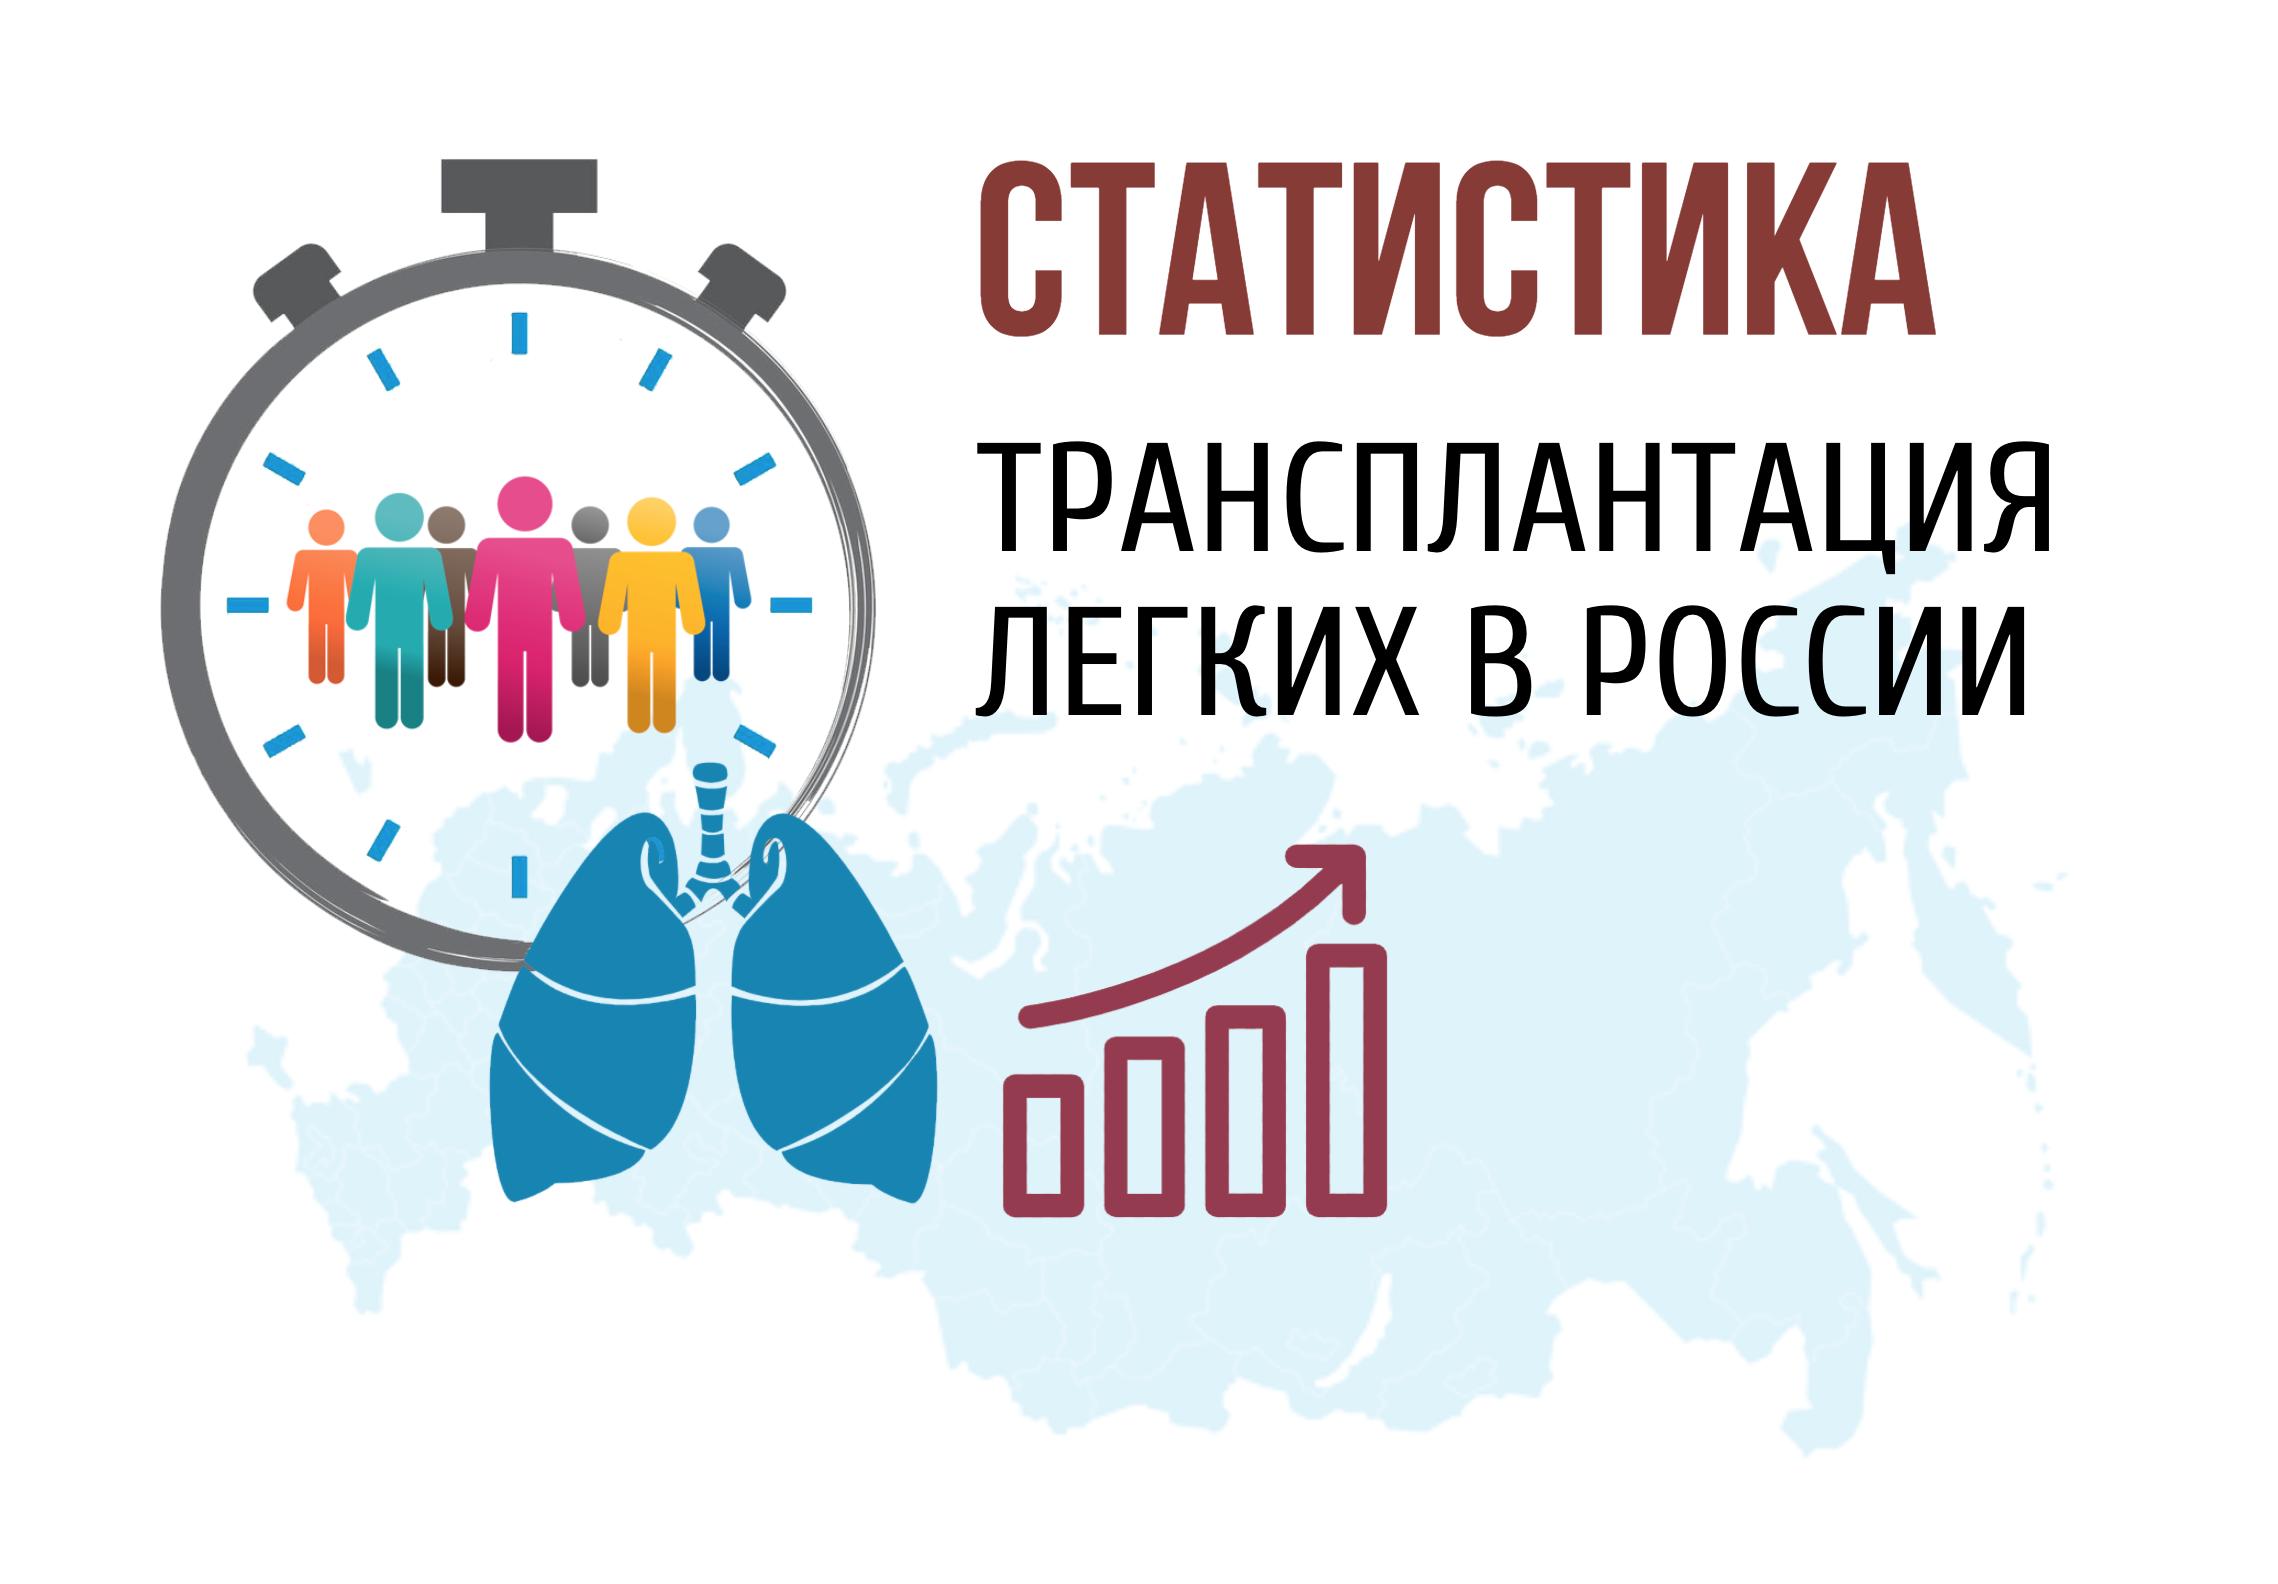 Статистика по трансплантации легких в России